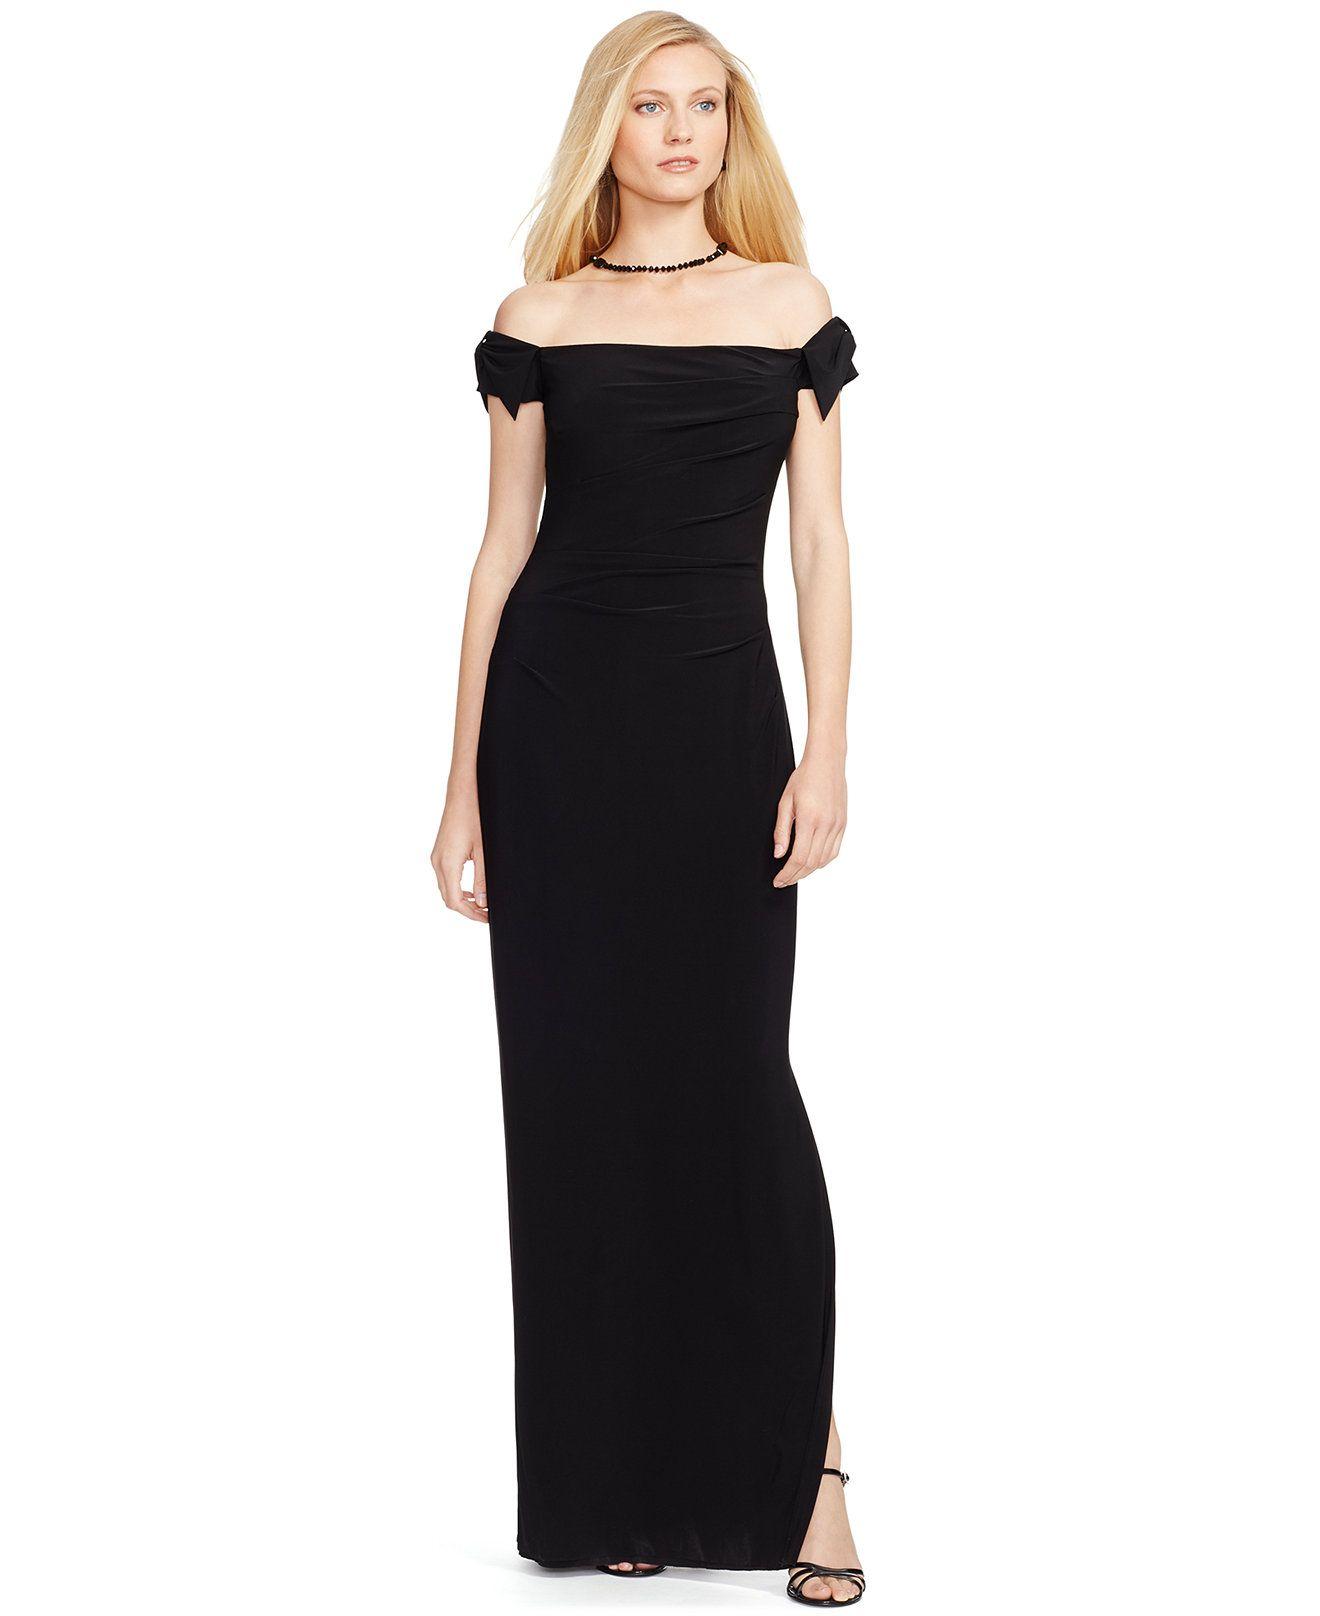 Lauren Ralph Lauren Off-the-Shoulder Jersey Gown - Dresses - Women - Macy's